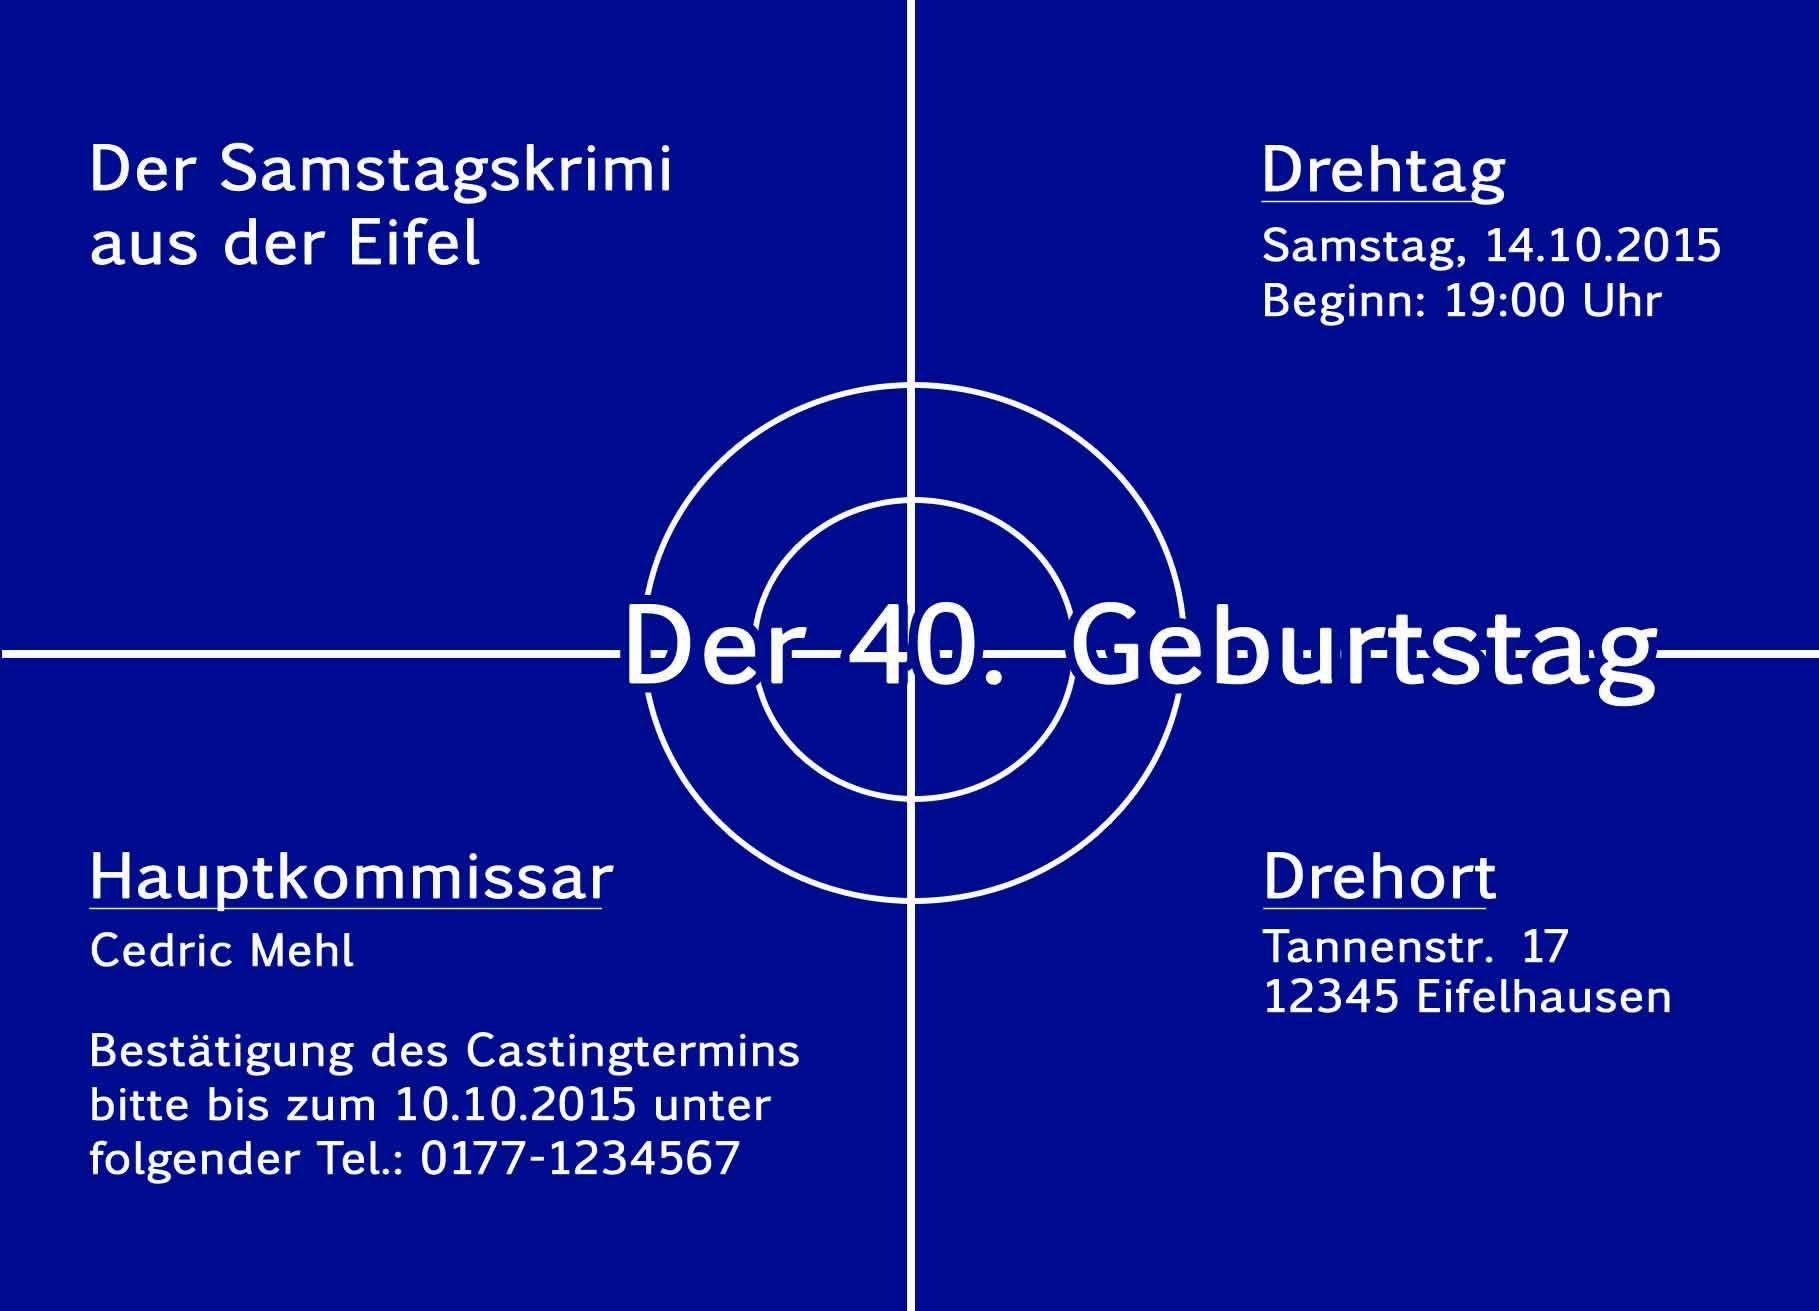 Schön Einladungskarten 40 Geburtstag Kostenlos   Einladung Zum Geburtstag